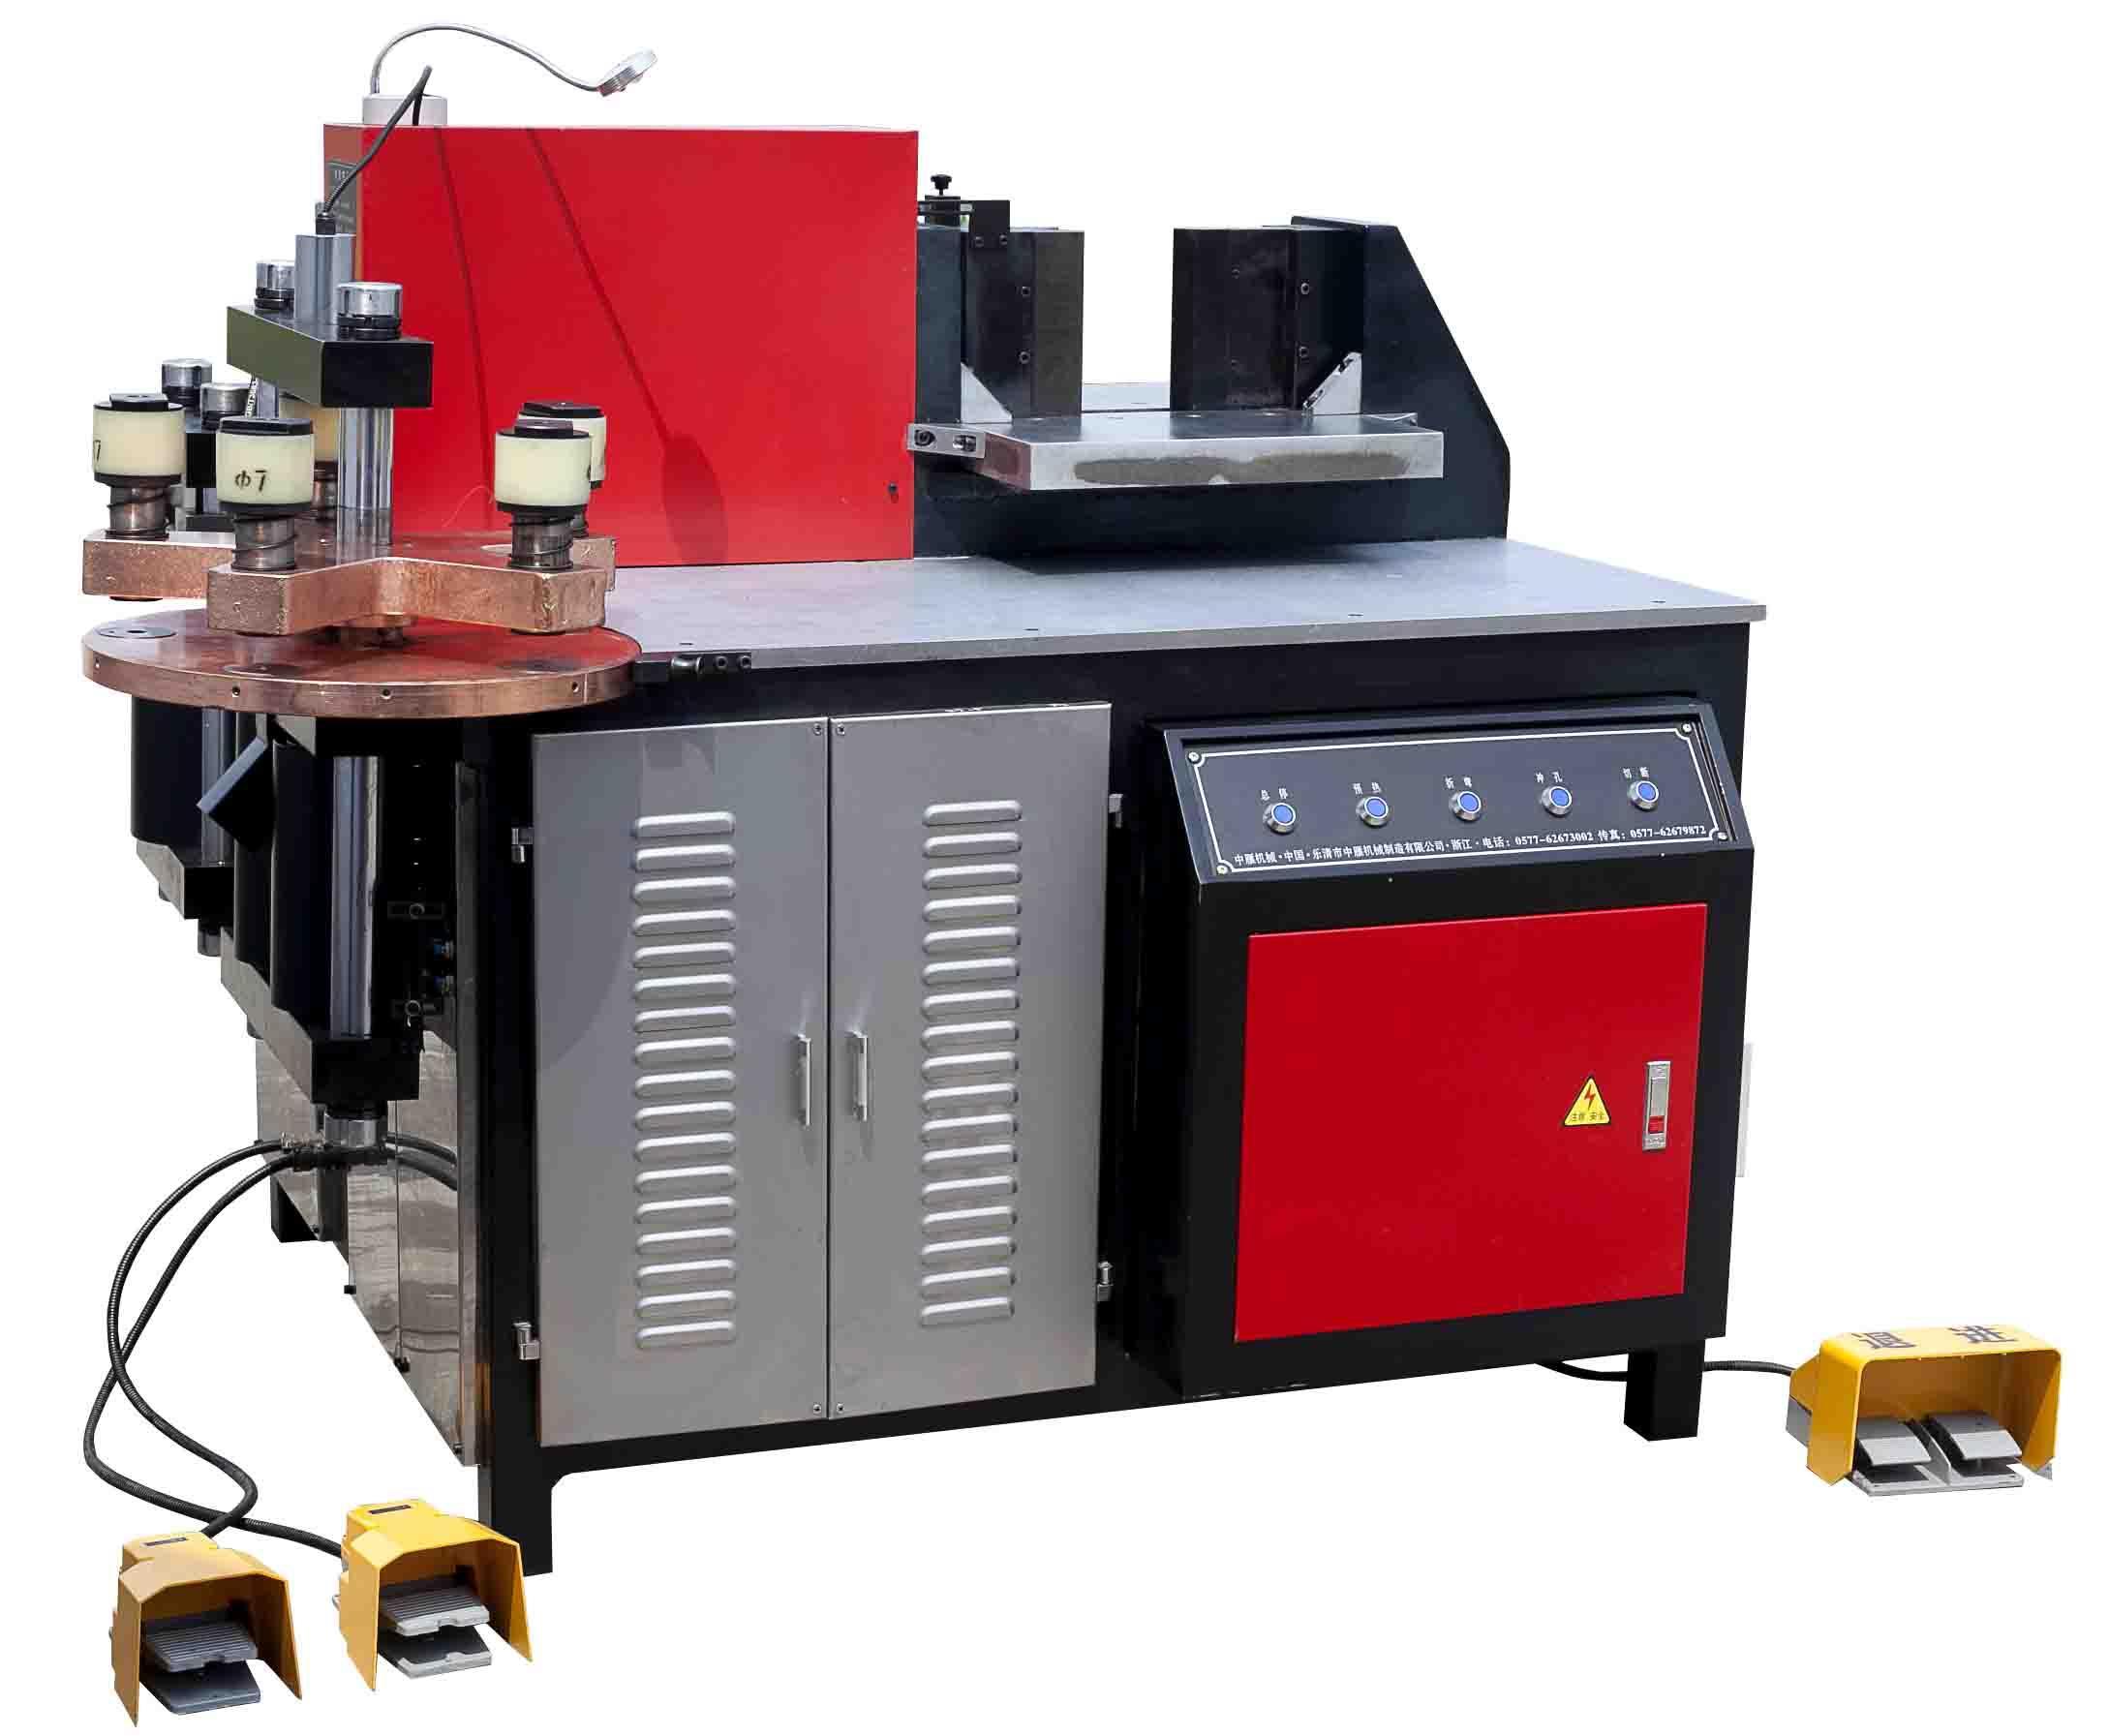 中雁zmmx-3-130铜排加工机图片